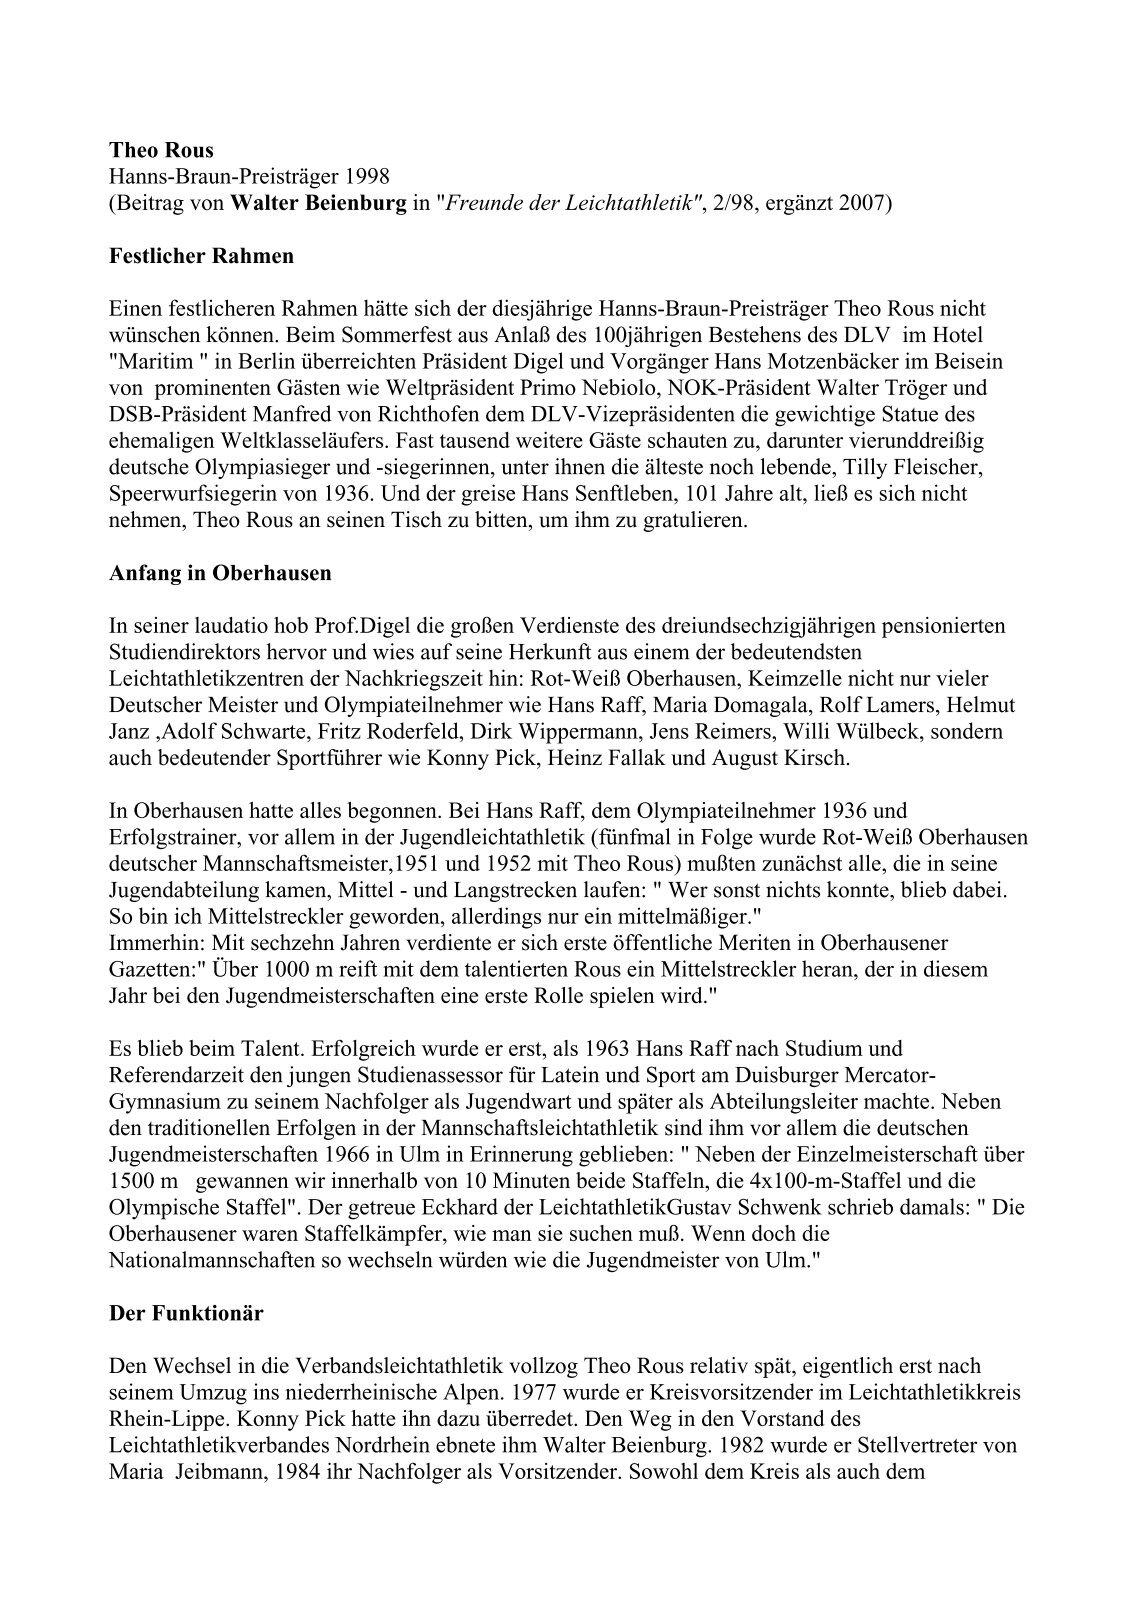 Ausgezeichnet Anfang Lebenslauf Ideen - Dokumentationsvorlage ...